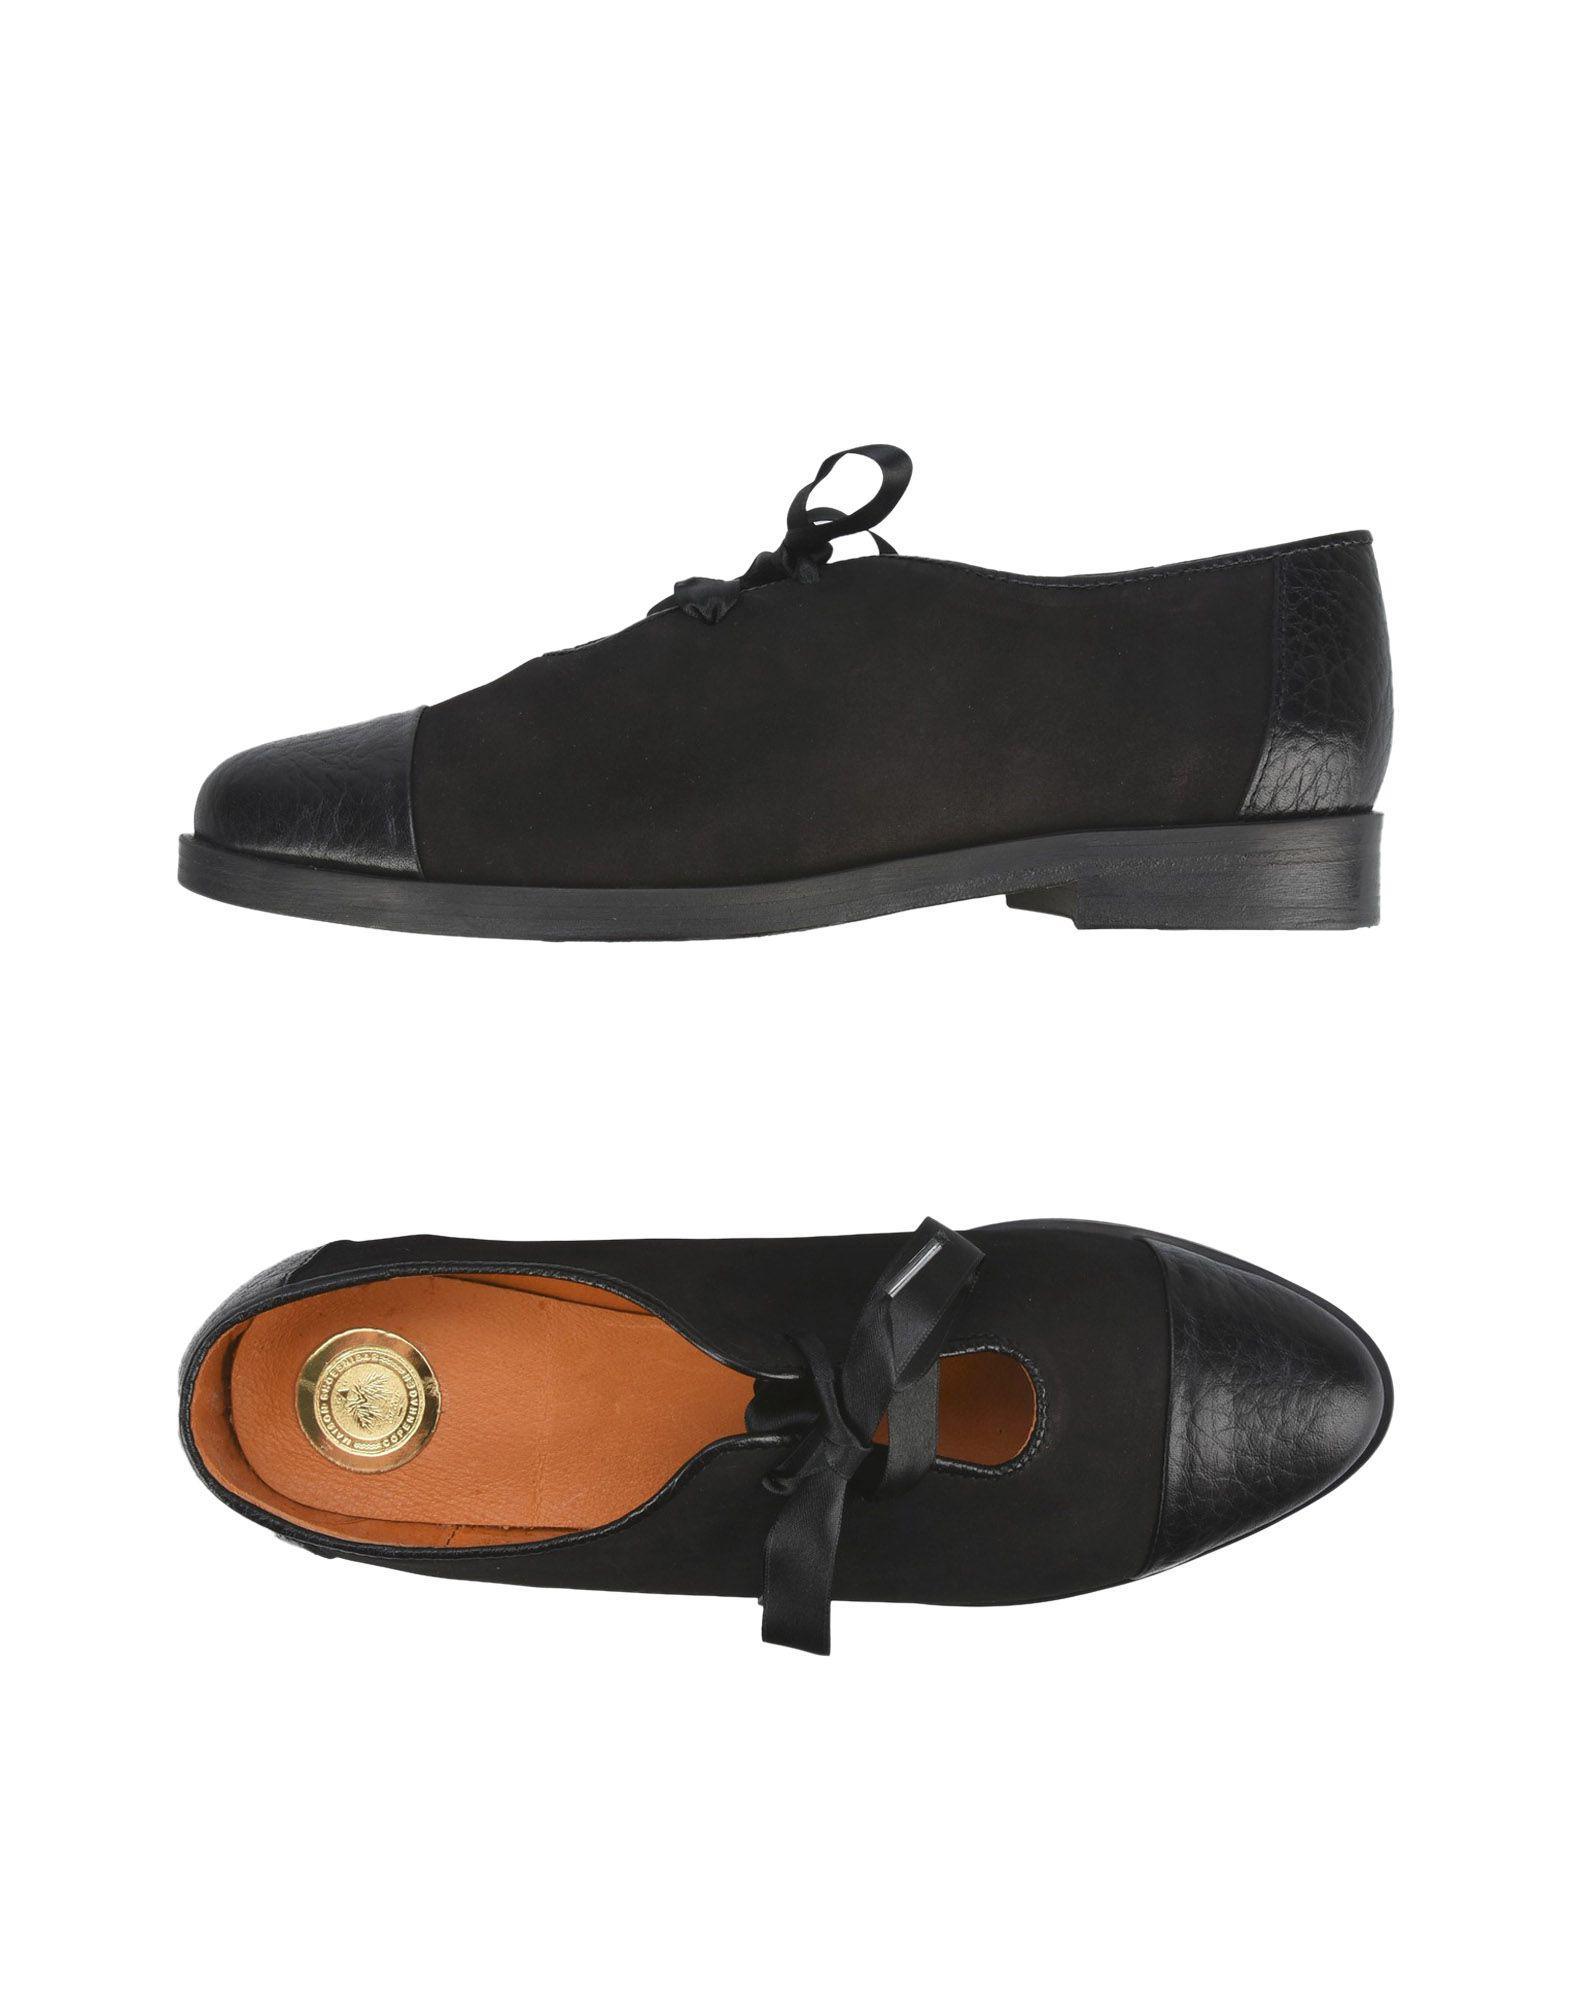 FOOTWEAR - Lace-up shoes MAISON SHOESHIBAR NVl4bc